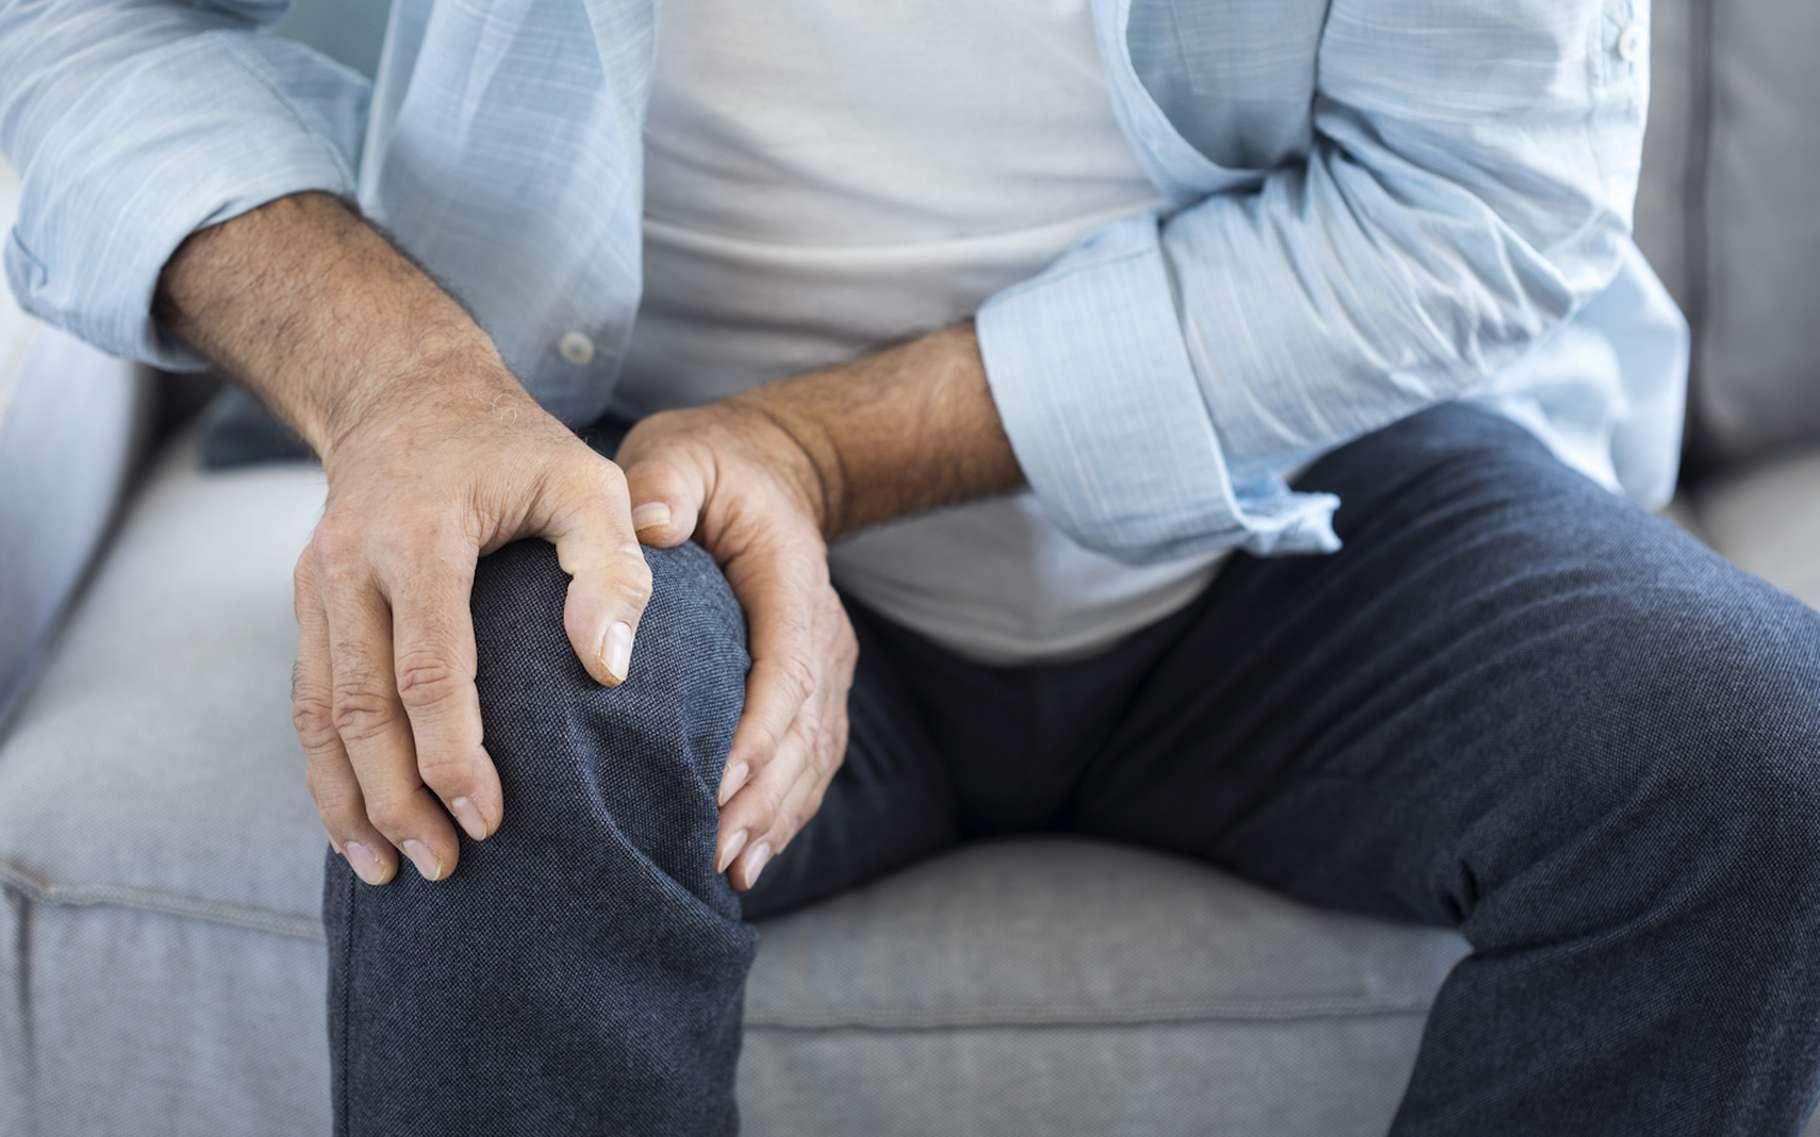 Les douleurs chroniques que connaissent notamment les patients atteints de fibromyalgie auraient finalement une explication tout à fait biologique : un manque de sérotonine. © sebra, Fotolia